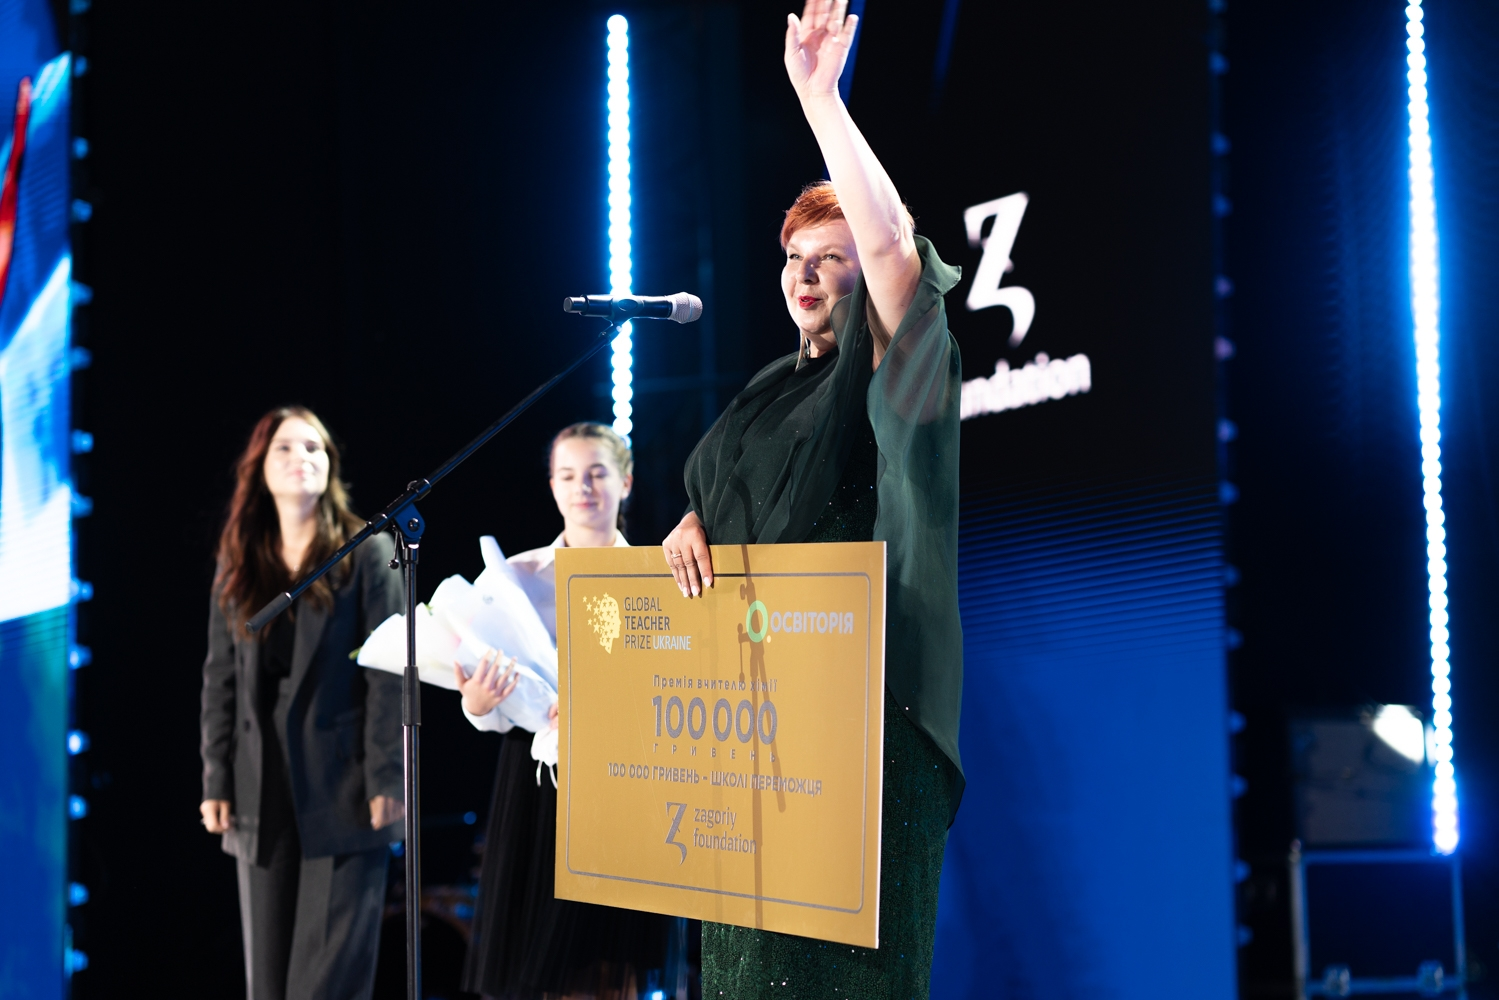 Лучший педагог страны: в Киеве состоялась премия Global Teacher Prize Ukraine - фото №7